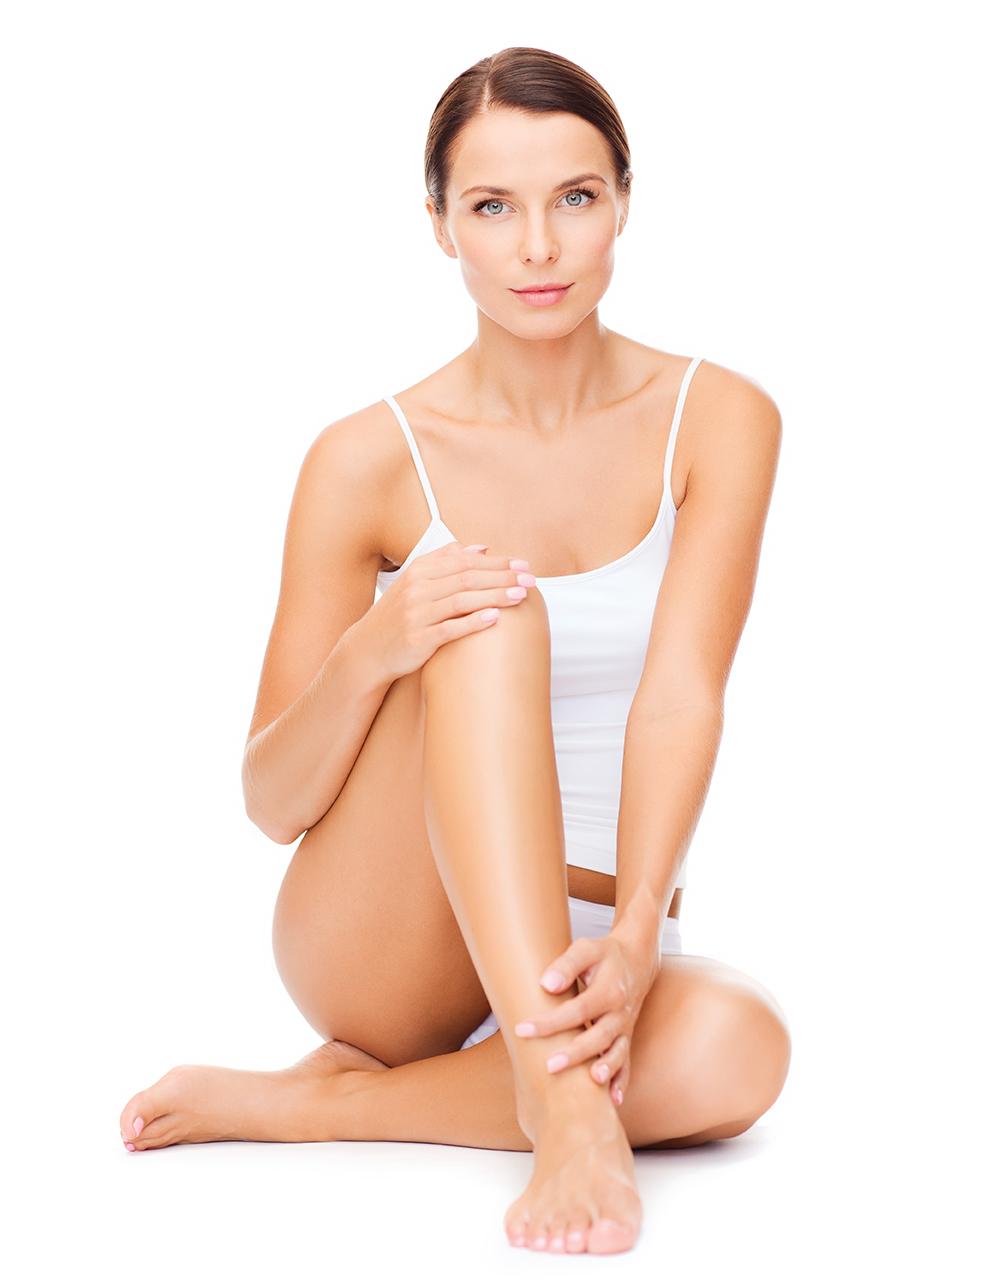 Enthaarung - Fachgerechte Haarentfernung für schöne glatte Haut